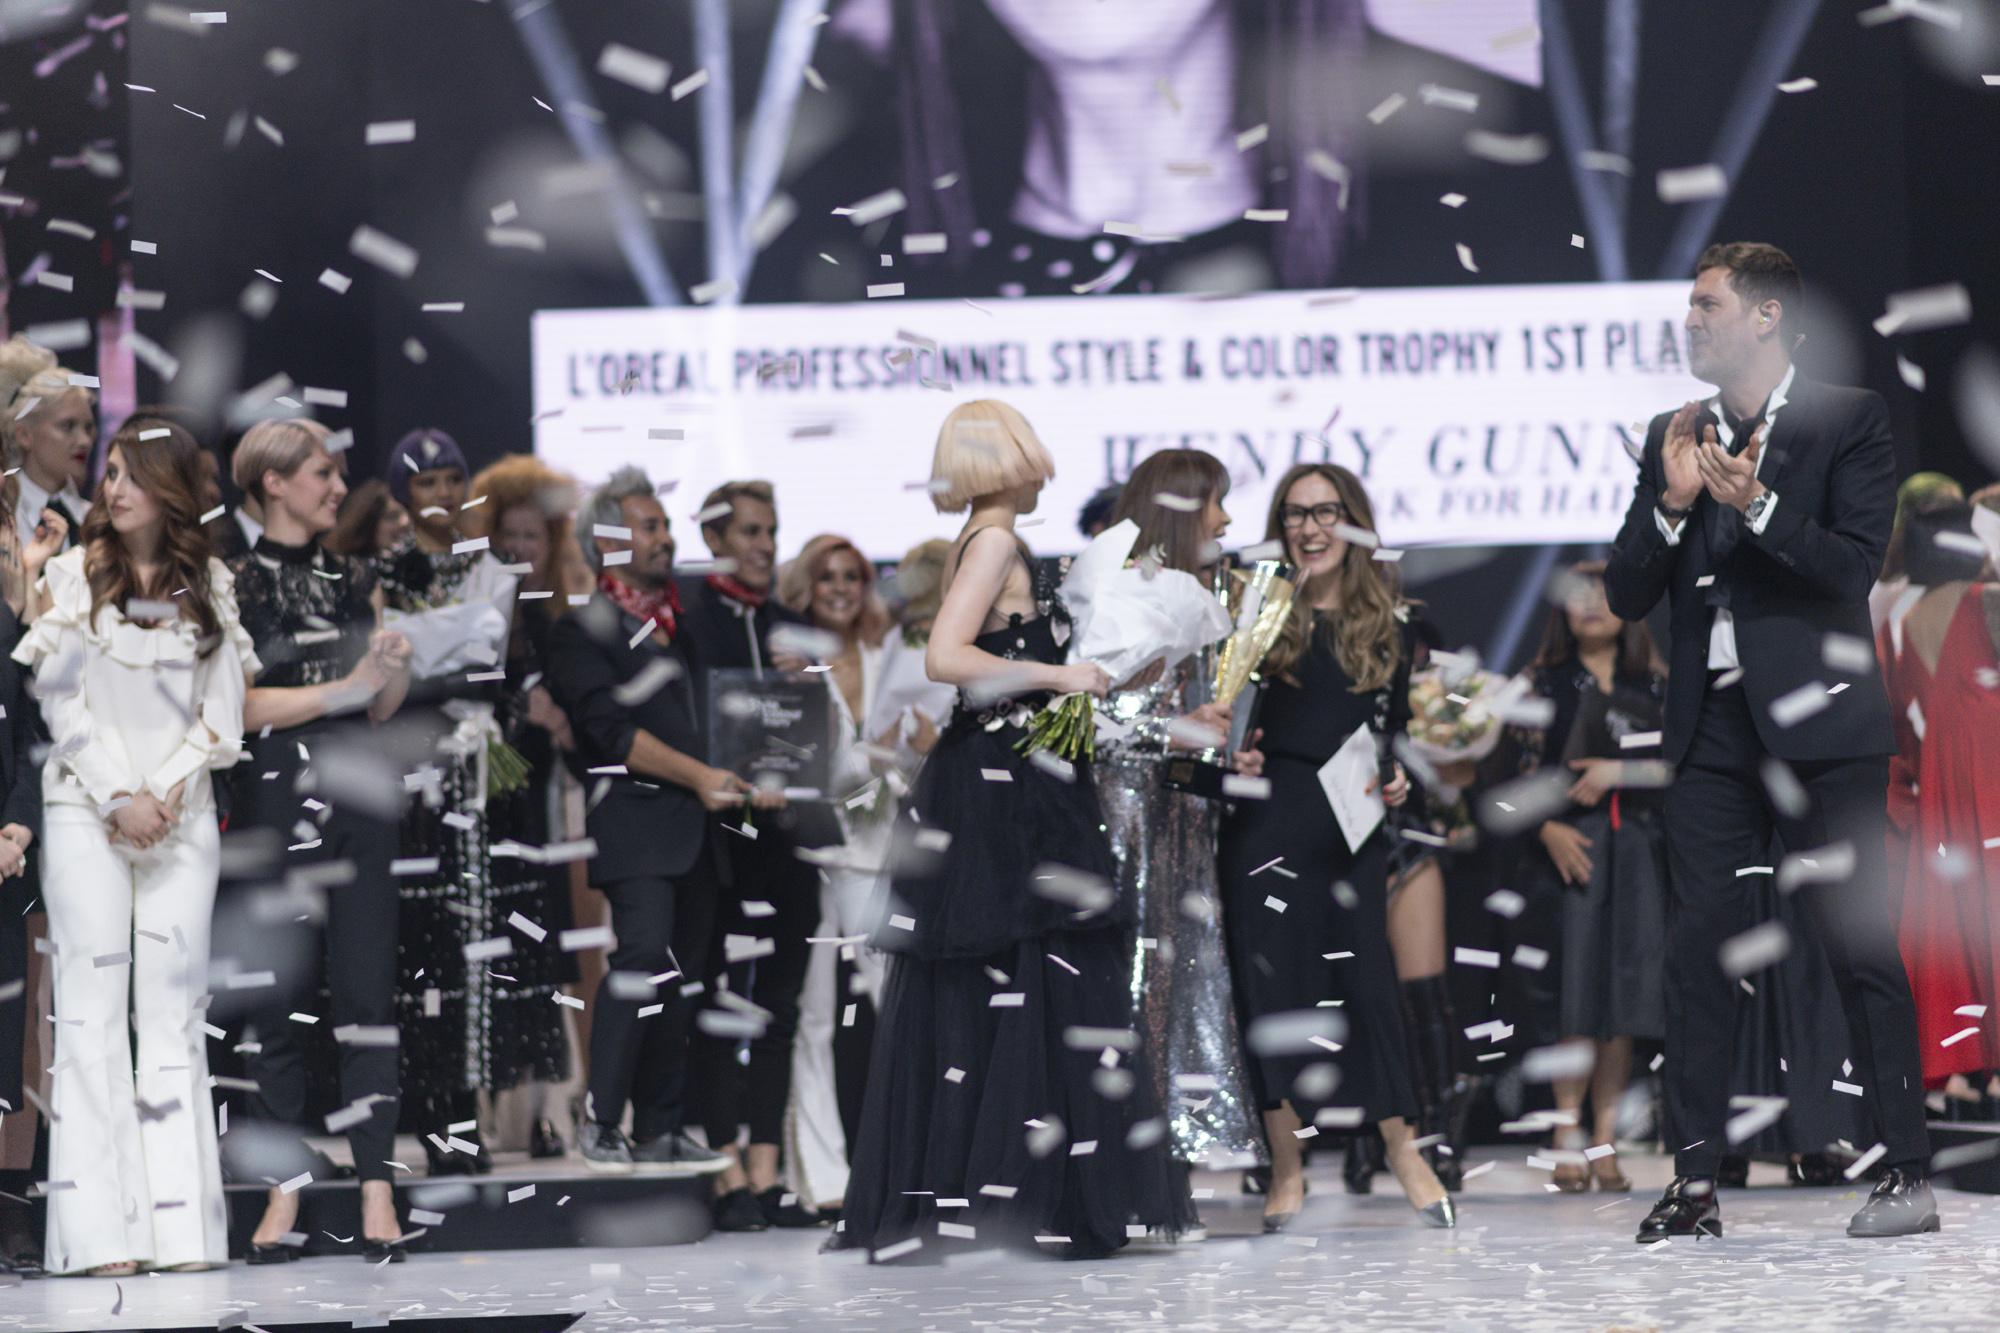 Style & Colour Trophy L'Oréal Professionnel 2019